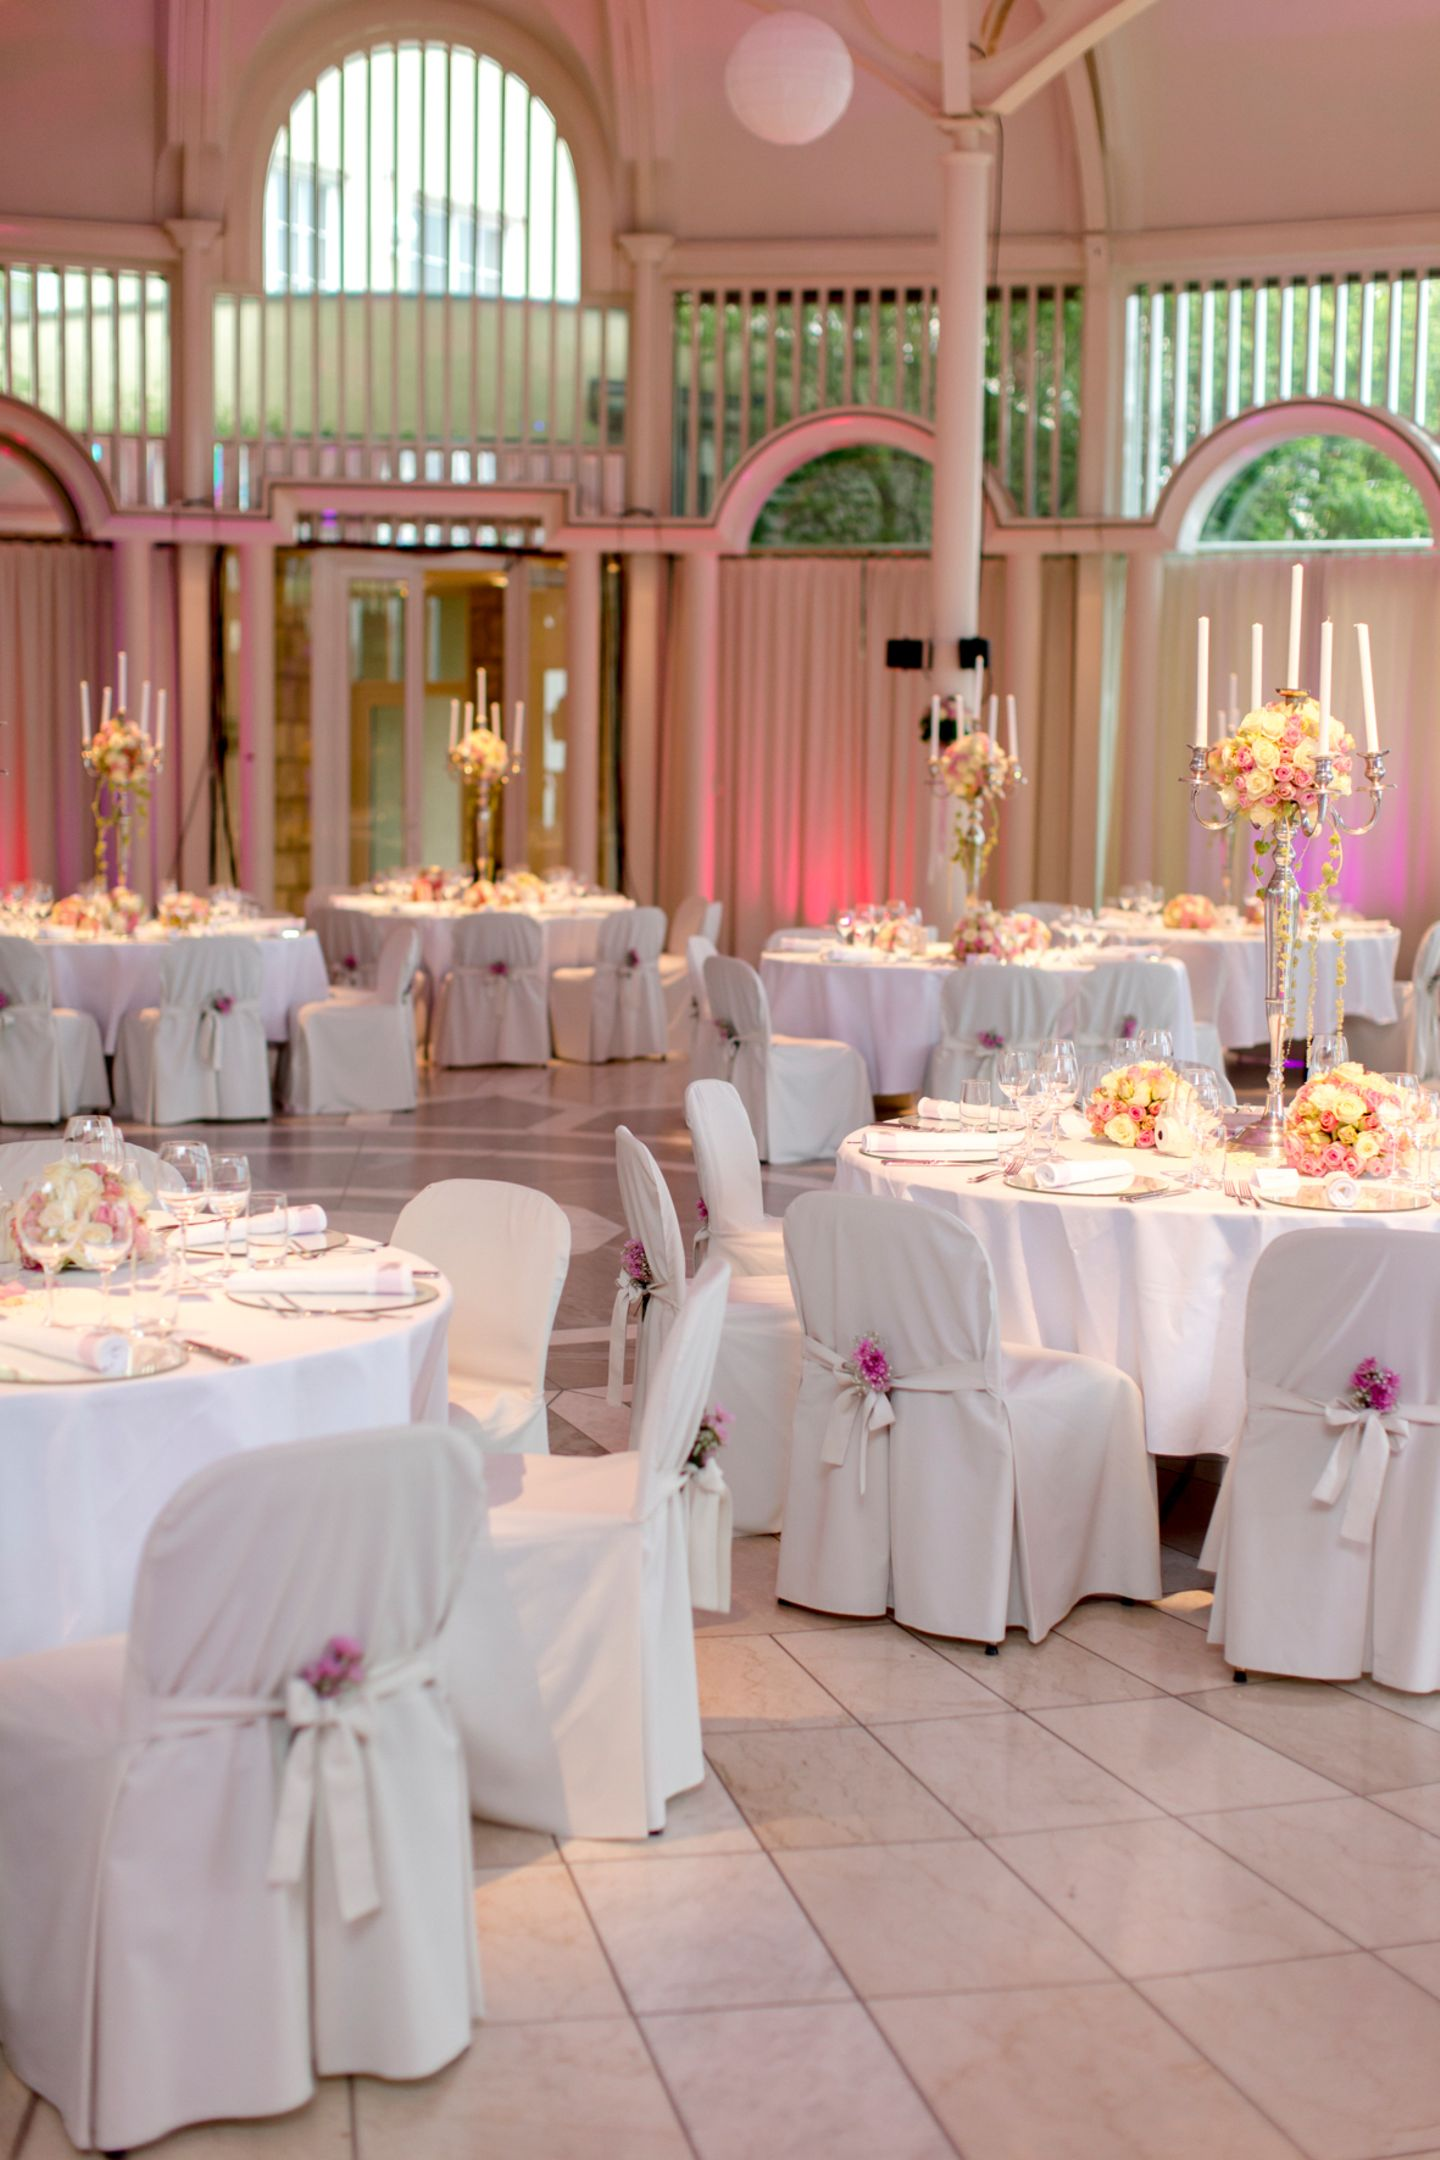 Jetzt geht es zur Party-Location: Insgesamt wurden für die Hochzeit 13.000 frische Blumen und 600 Kerzen verwendet.